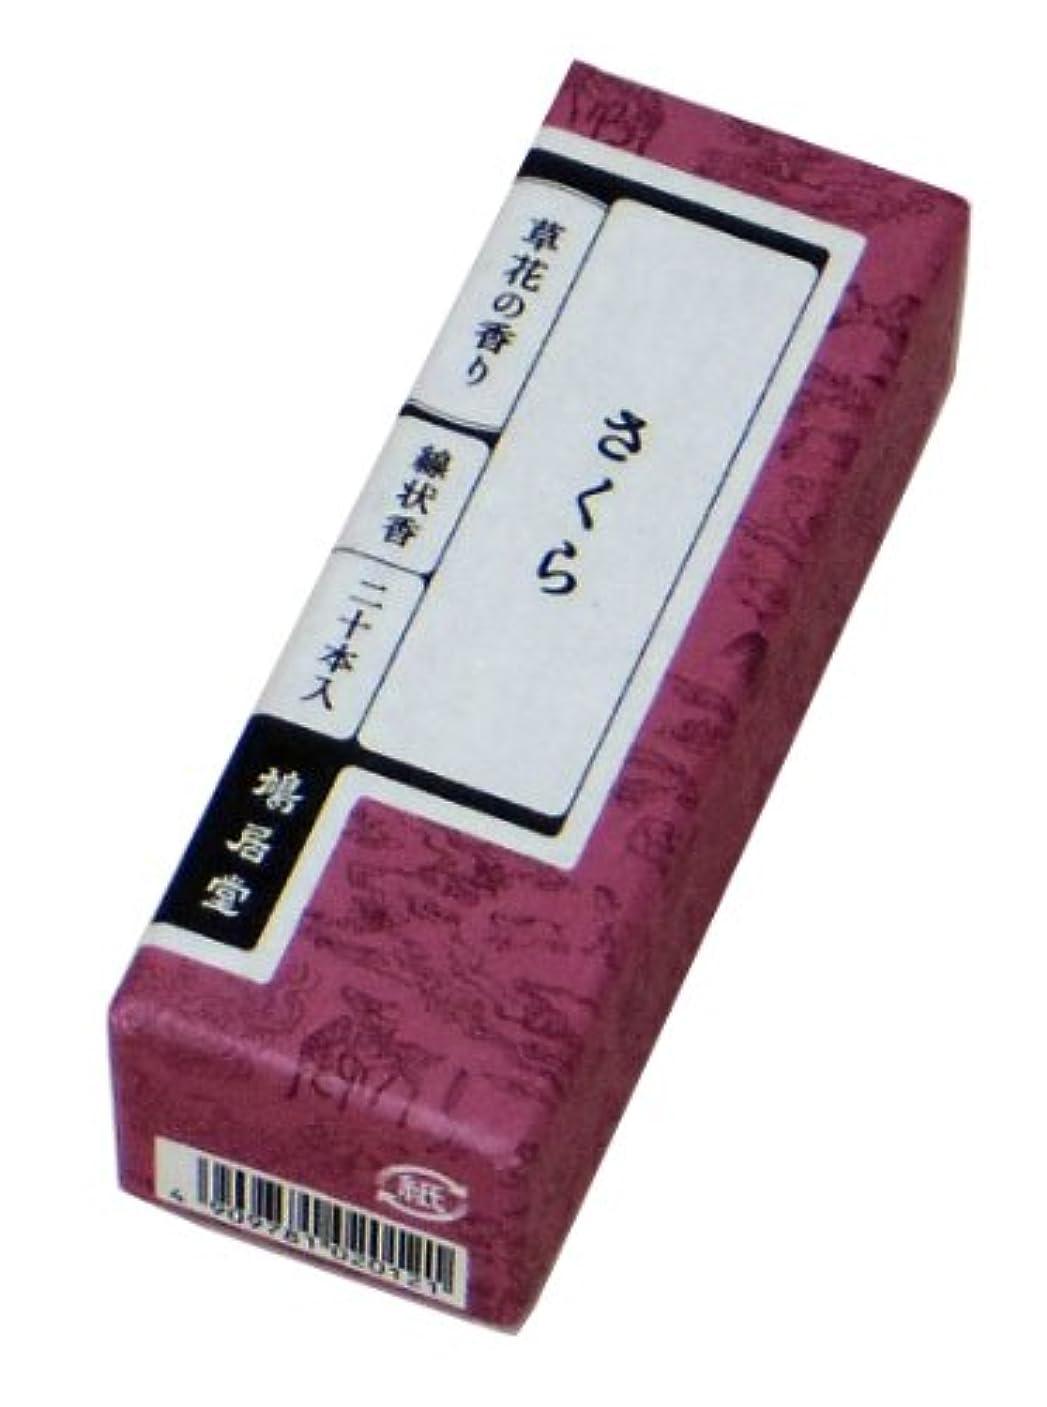 汚れた発信バイナリ鳩居堂のお香 草花の香り さくら 20本入 6cm